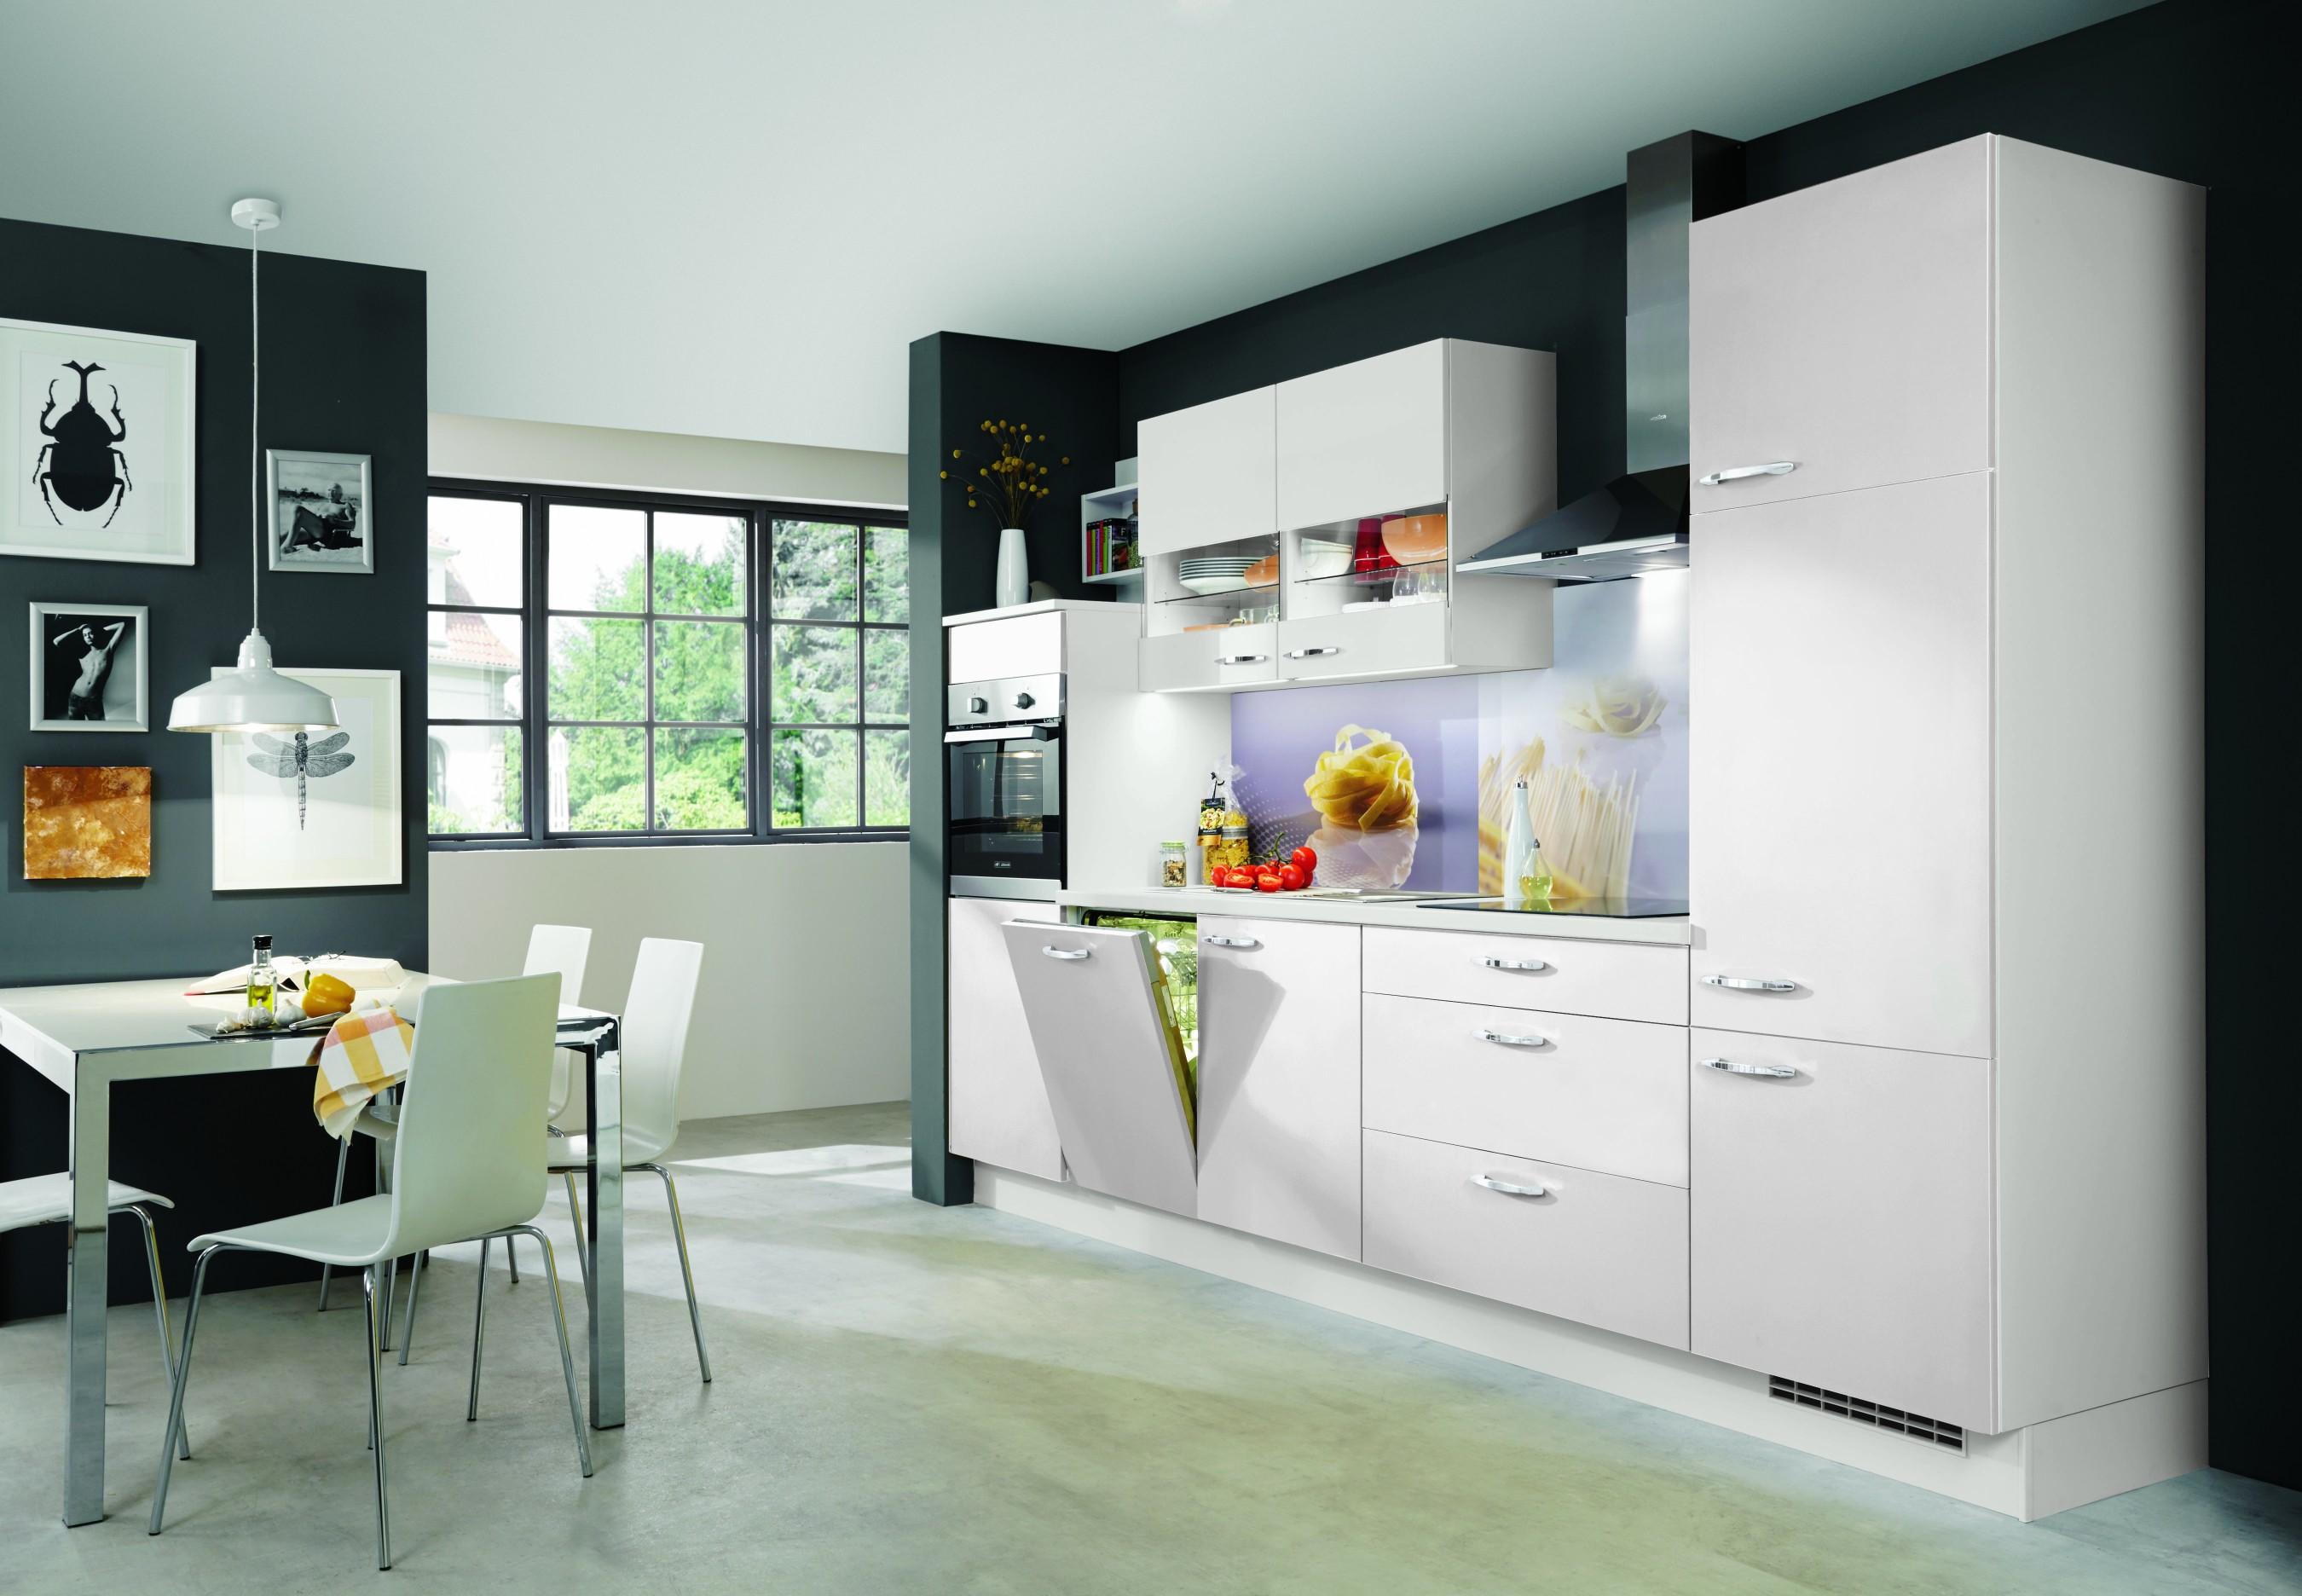 Design Kleine Keuken : Een kleine keuken van topkwaliteit ontdekt u bij formido